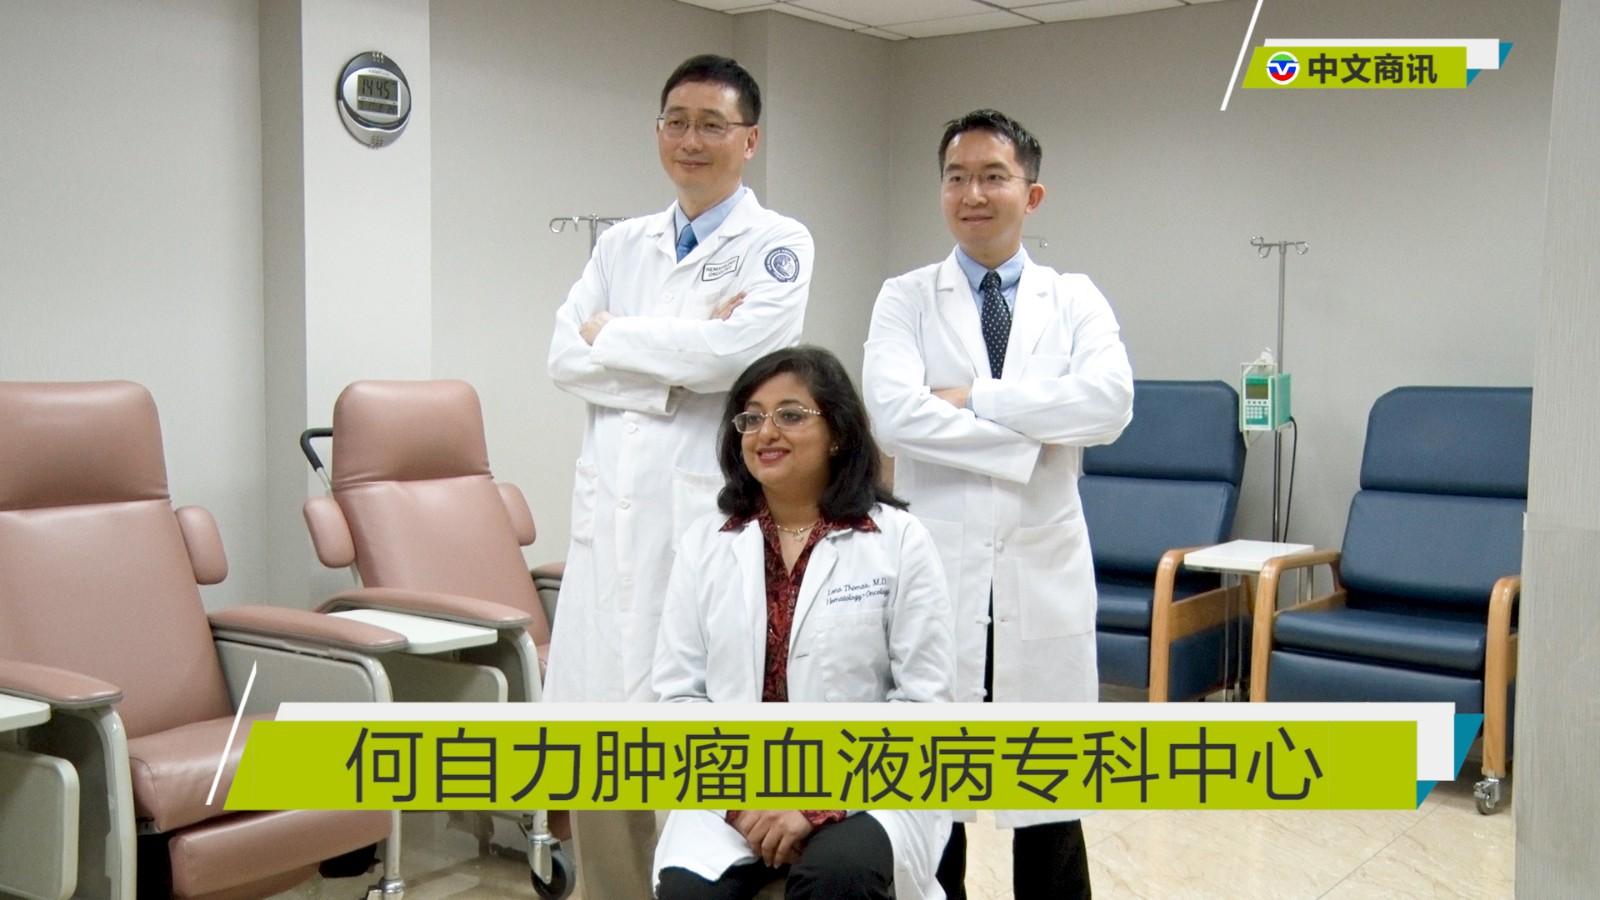 【视频】 何自力肿瘤血液病专科中心团队强大服务周到